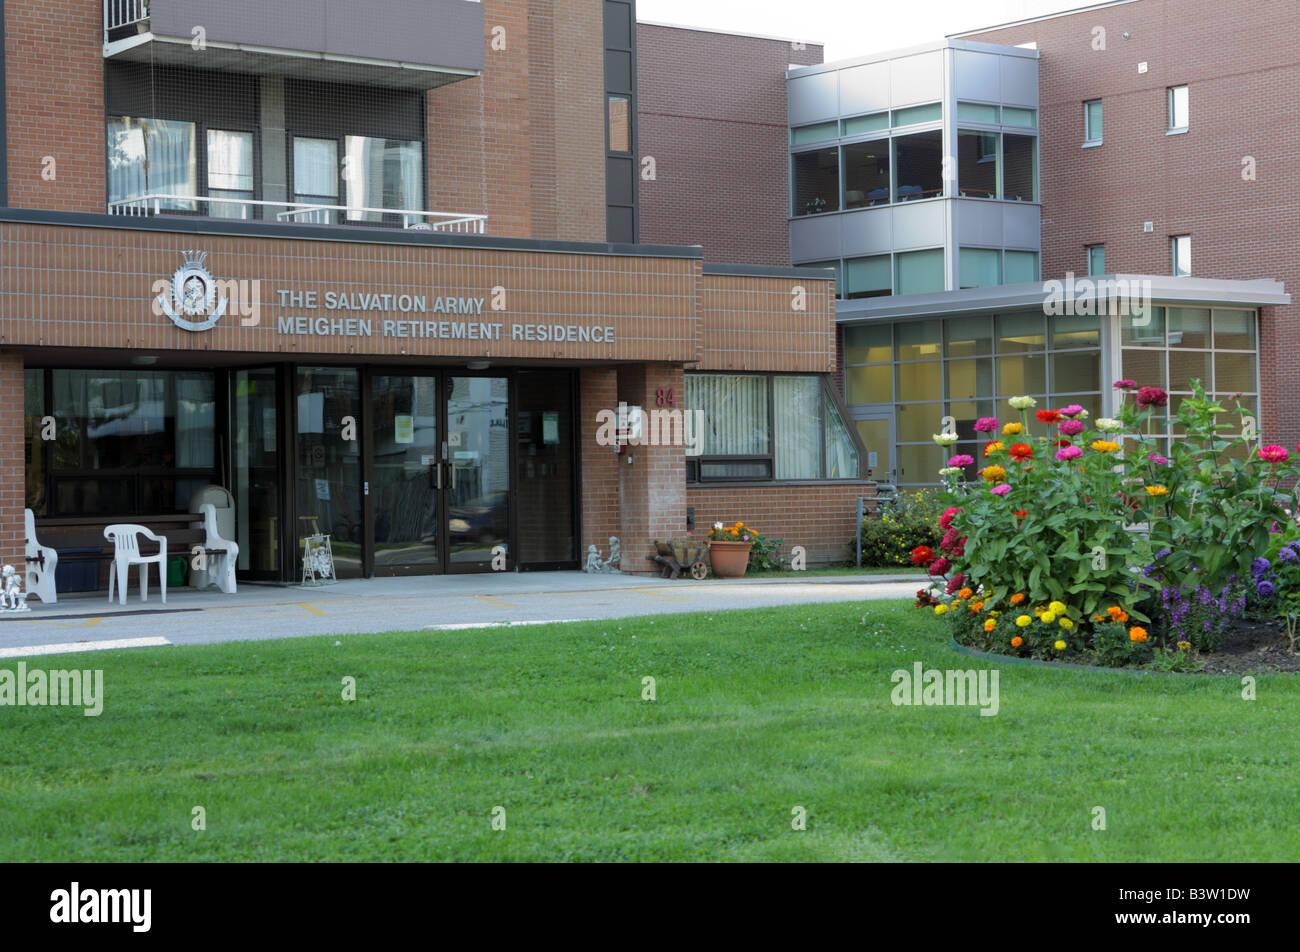 Maison de Retraite de l\'Armée du Salut Meighen à Toronto Canada ...